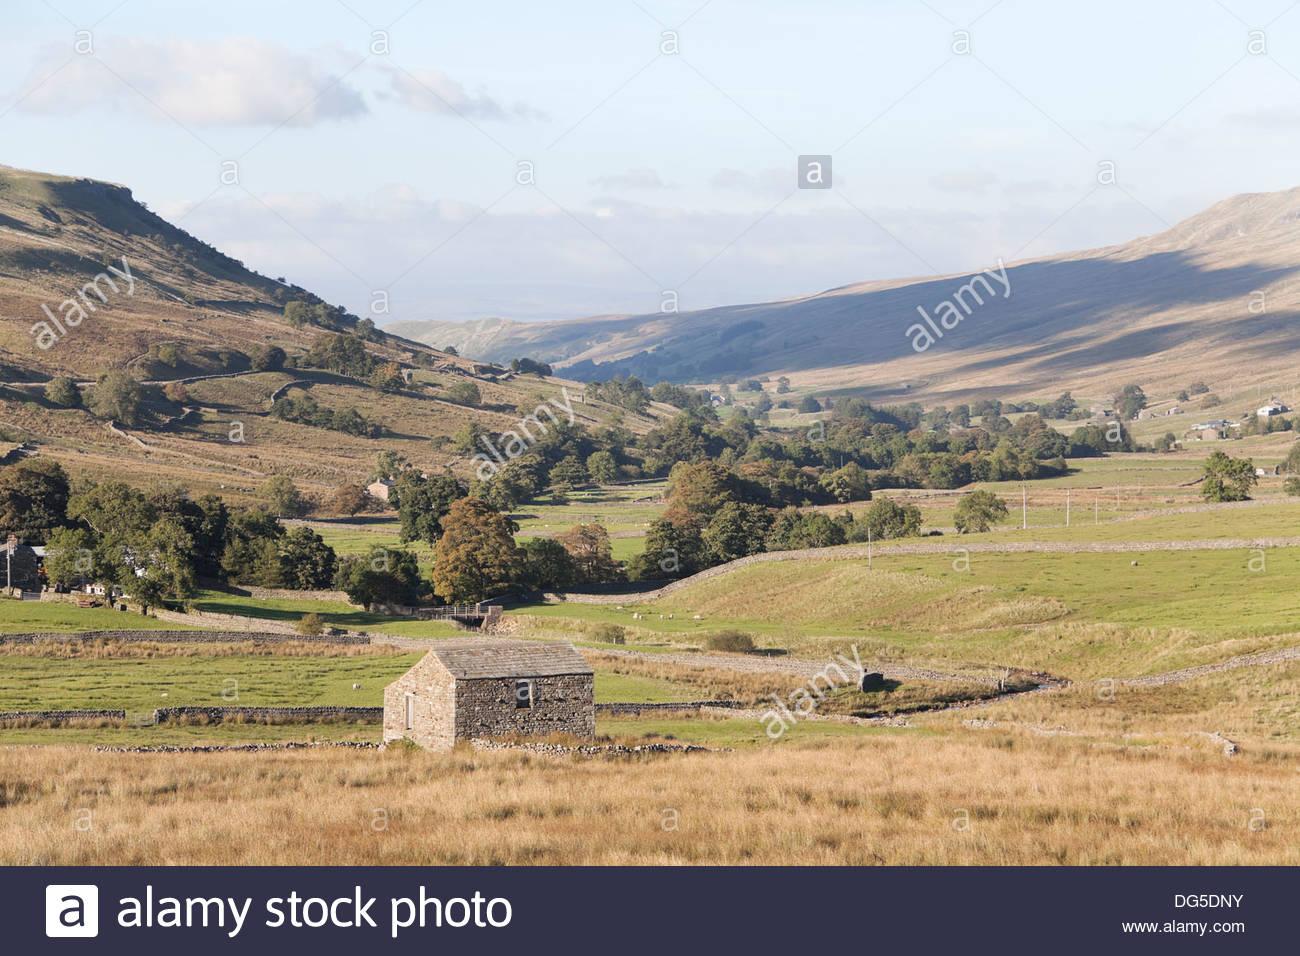 The Upper Eden Valley, Cumbria, UK - Stock Image